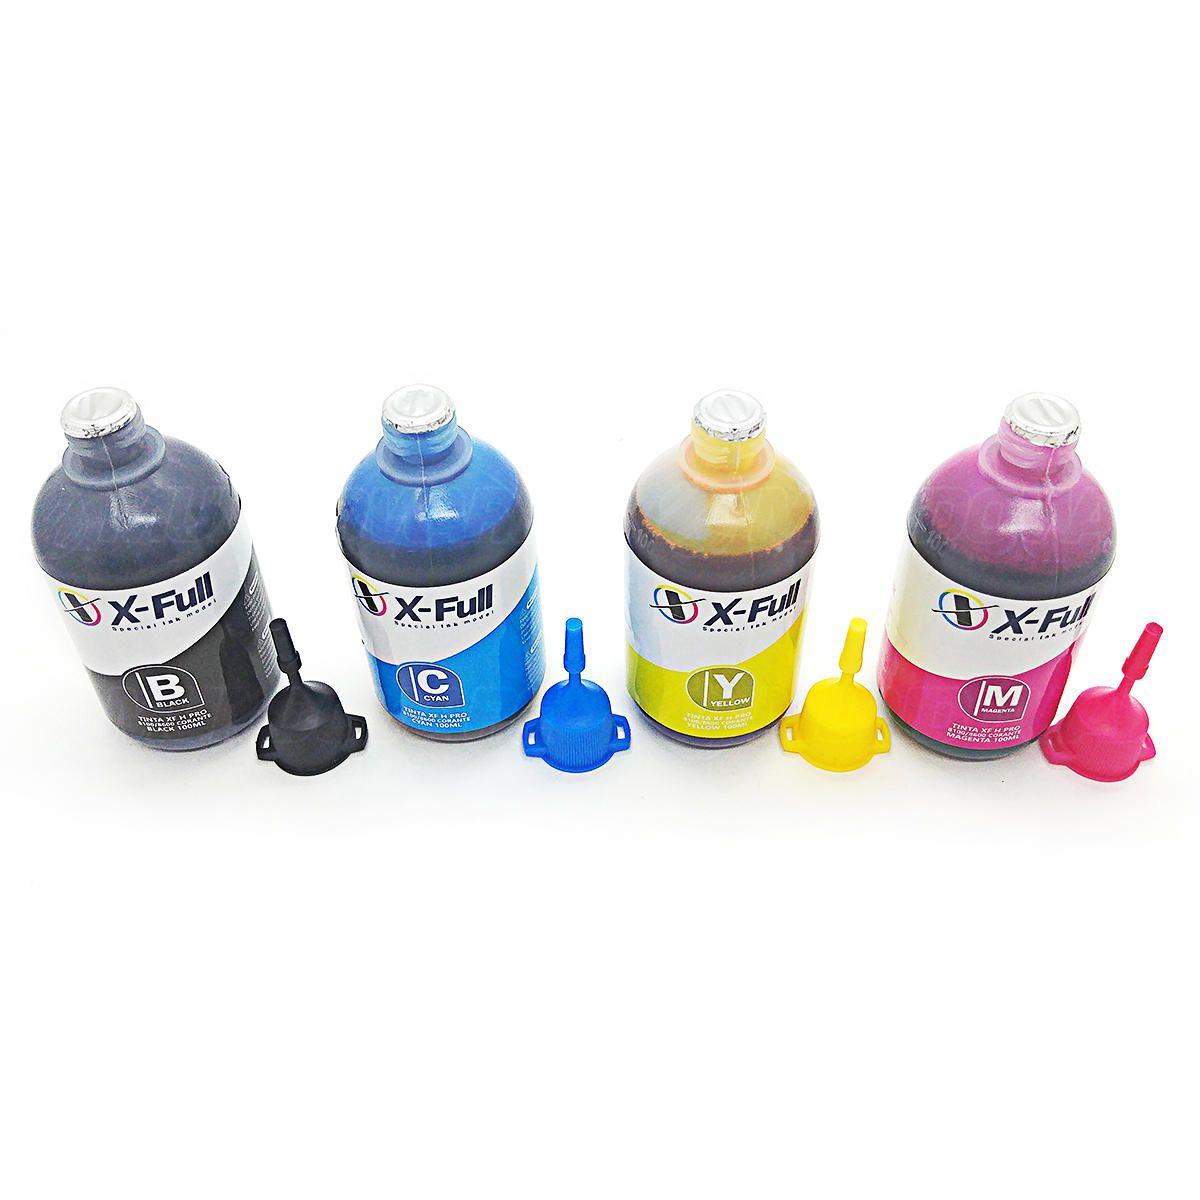 Compatível: Kit Colorido de Tinta Corante X-Full para HP Pro 8600 8500 8100 8000 X576dw X551dw X476dw X451dw / 4x100ml